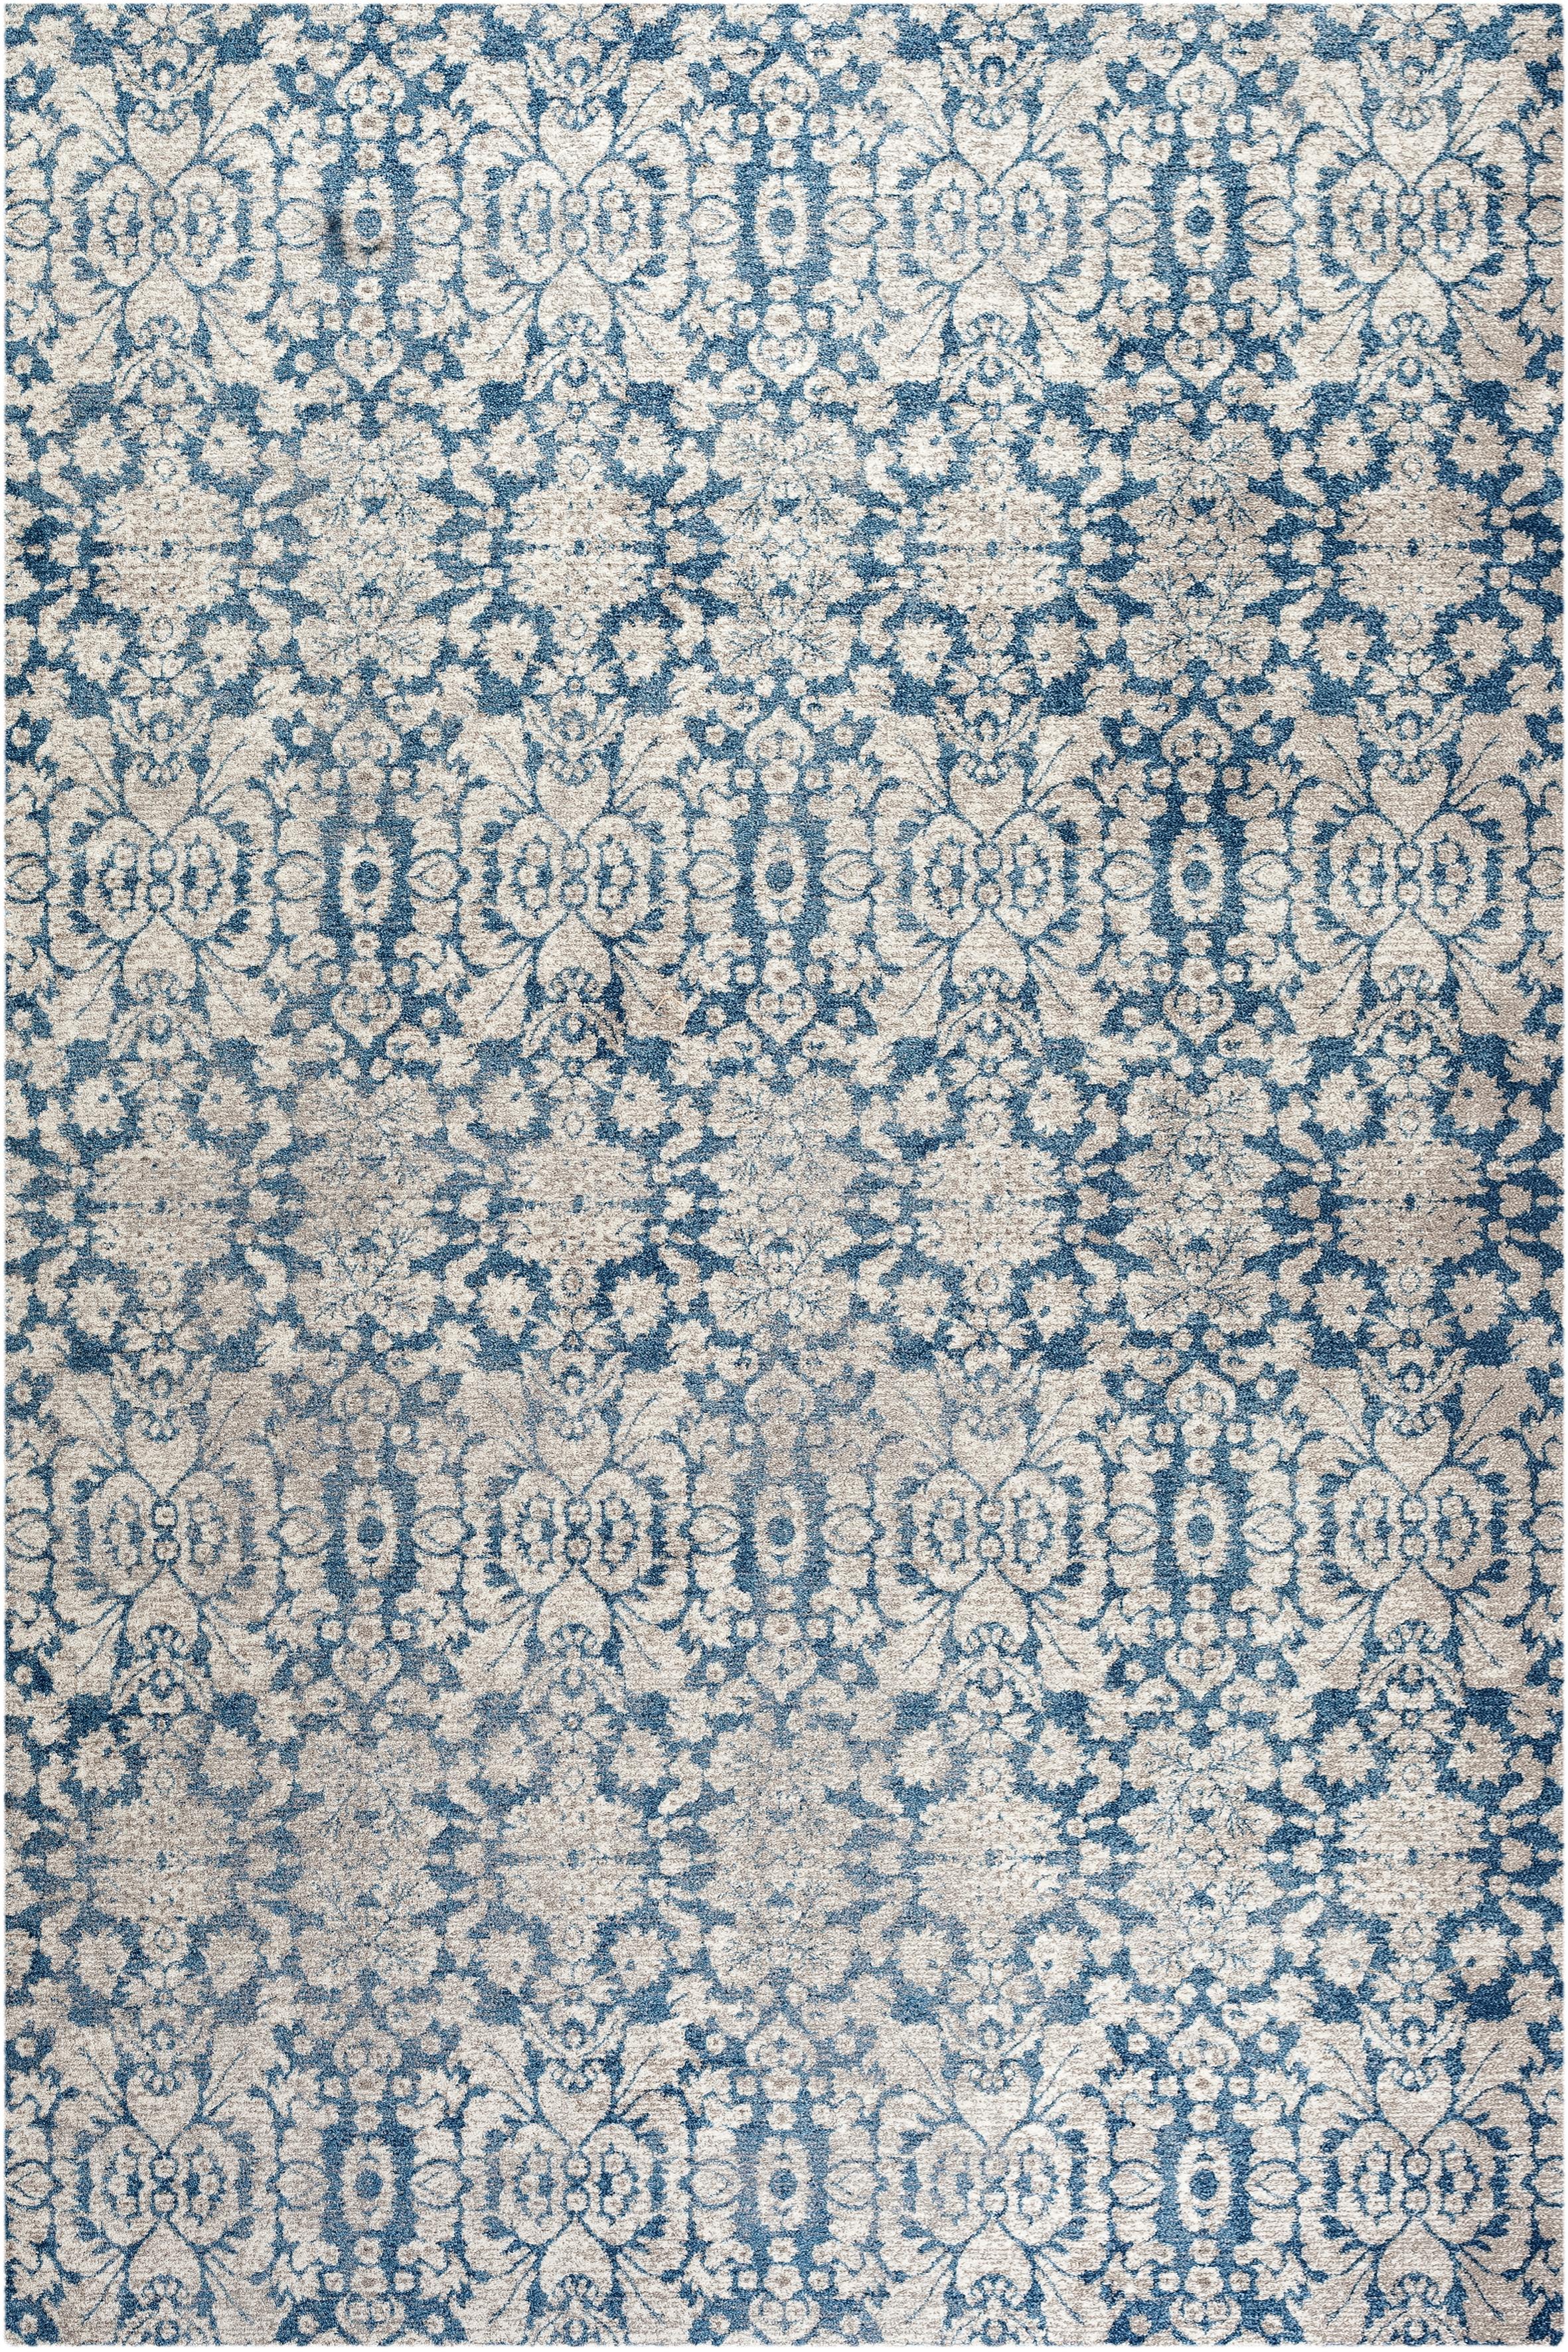 Tapis de salon d'inspiration vintage bleu et beige 160x230